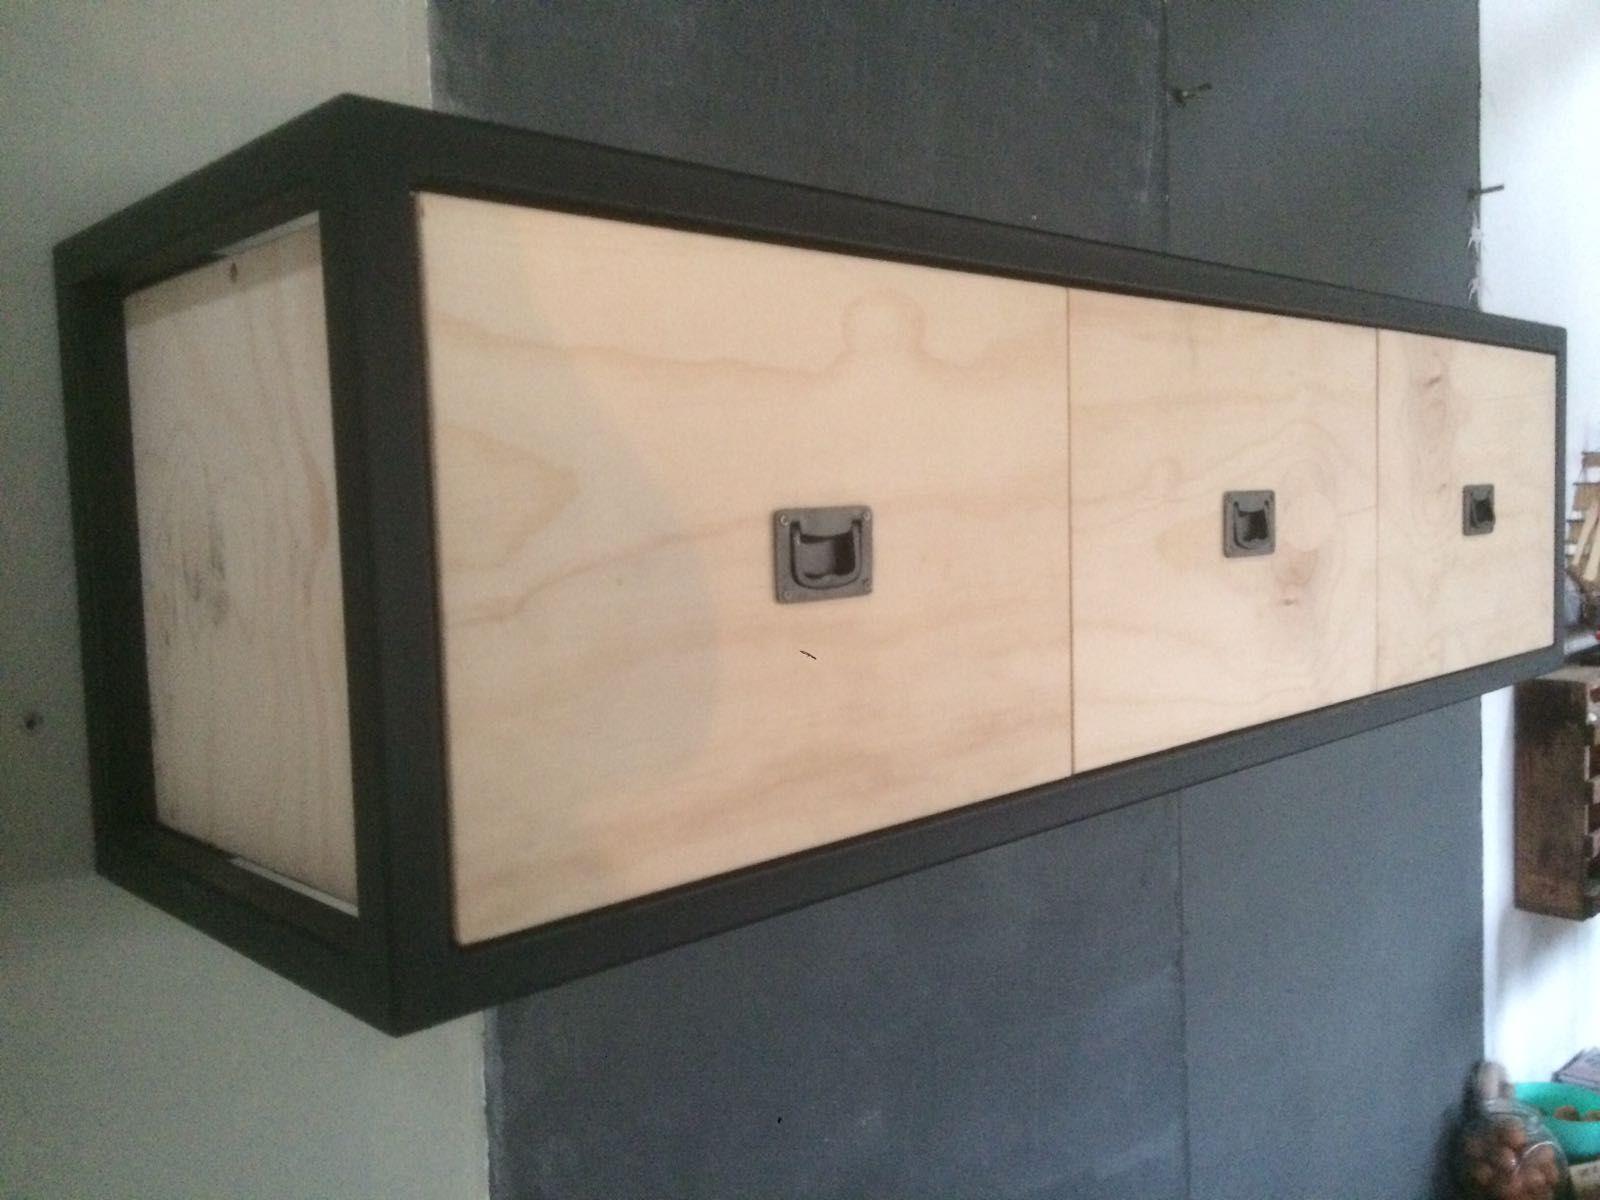 Kast Metalen Frame.Hangende Wandkast Industrieel Metalen Frame En Underlayment Voor De